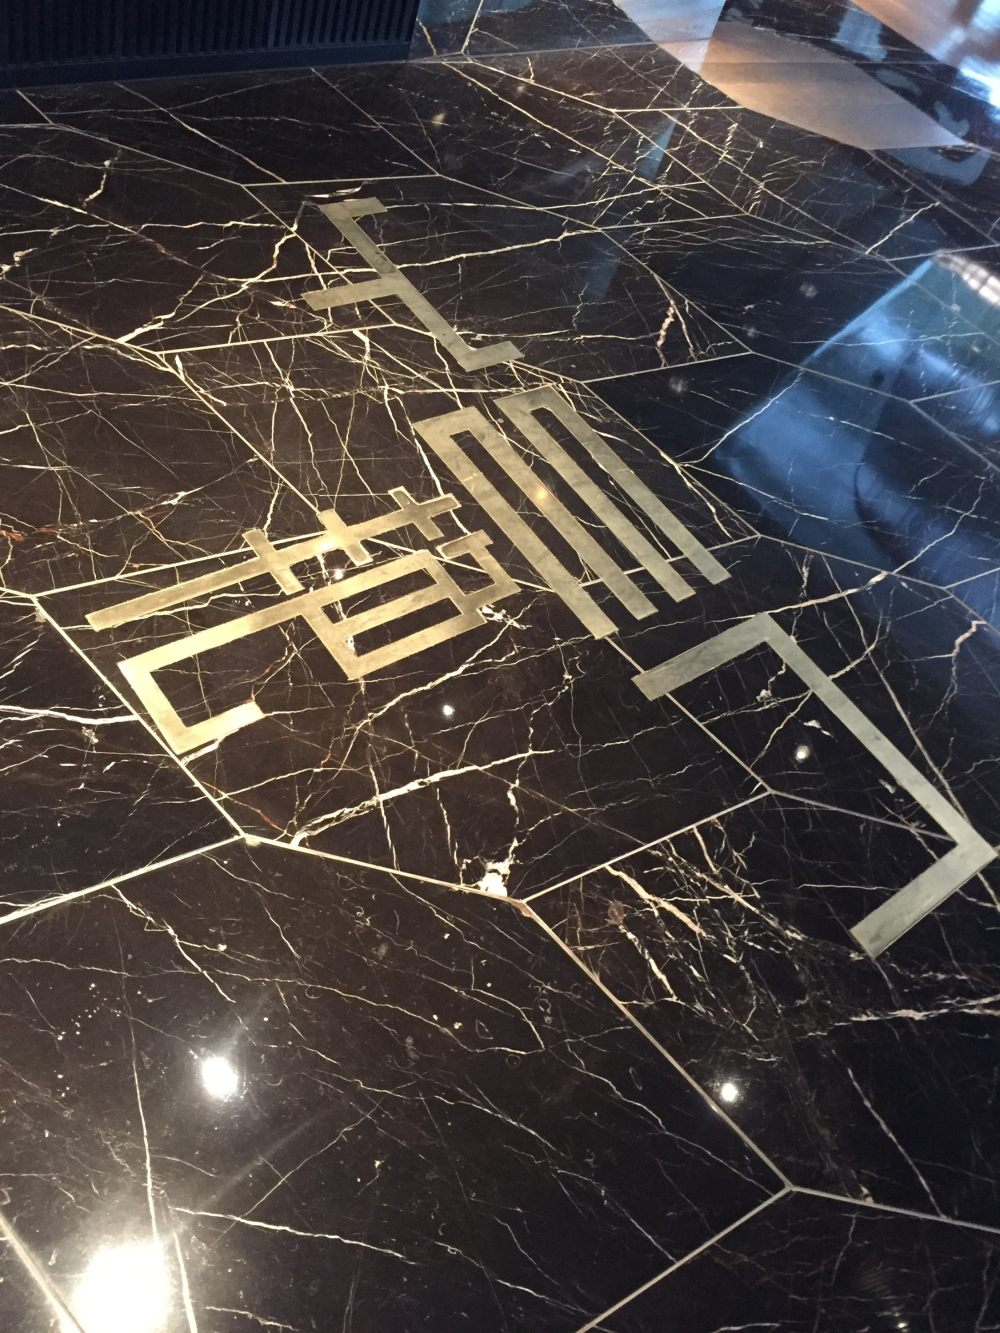 上海外滩W酒店,史上最全入住体验 自拍分享,申请置...._IMG_6245.JPG